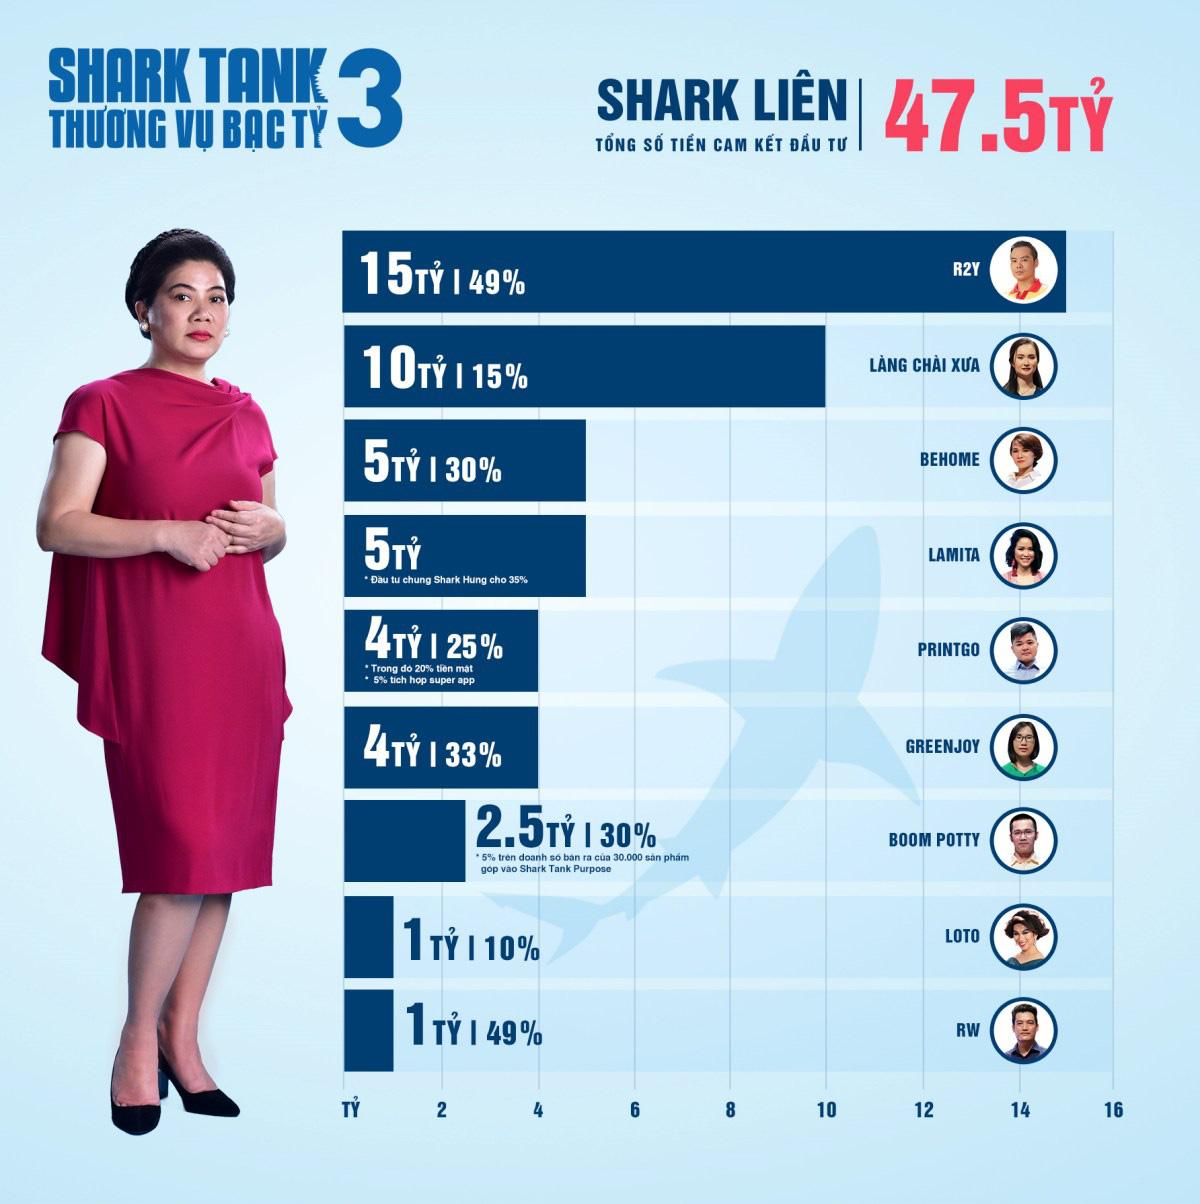 Shark Tank Việt Nam mùa 3 - Hành trình lan tỏa cảm hứng khởi nghiệp mạnh mẽ - Ảnh 5.